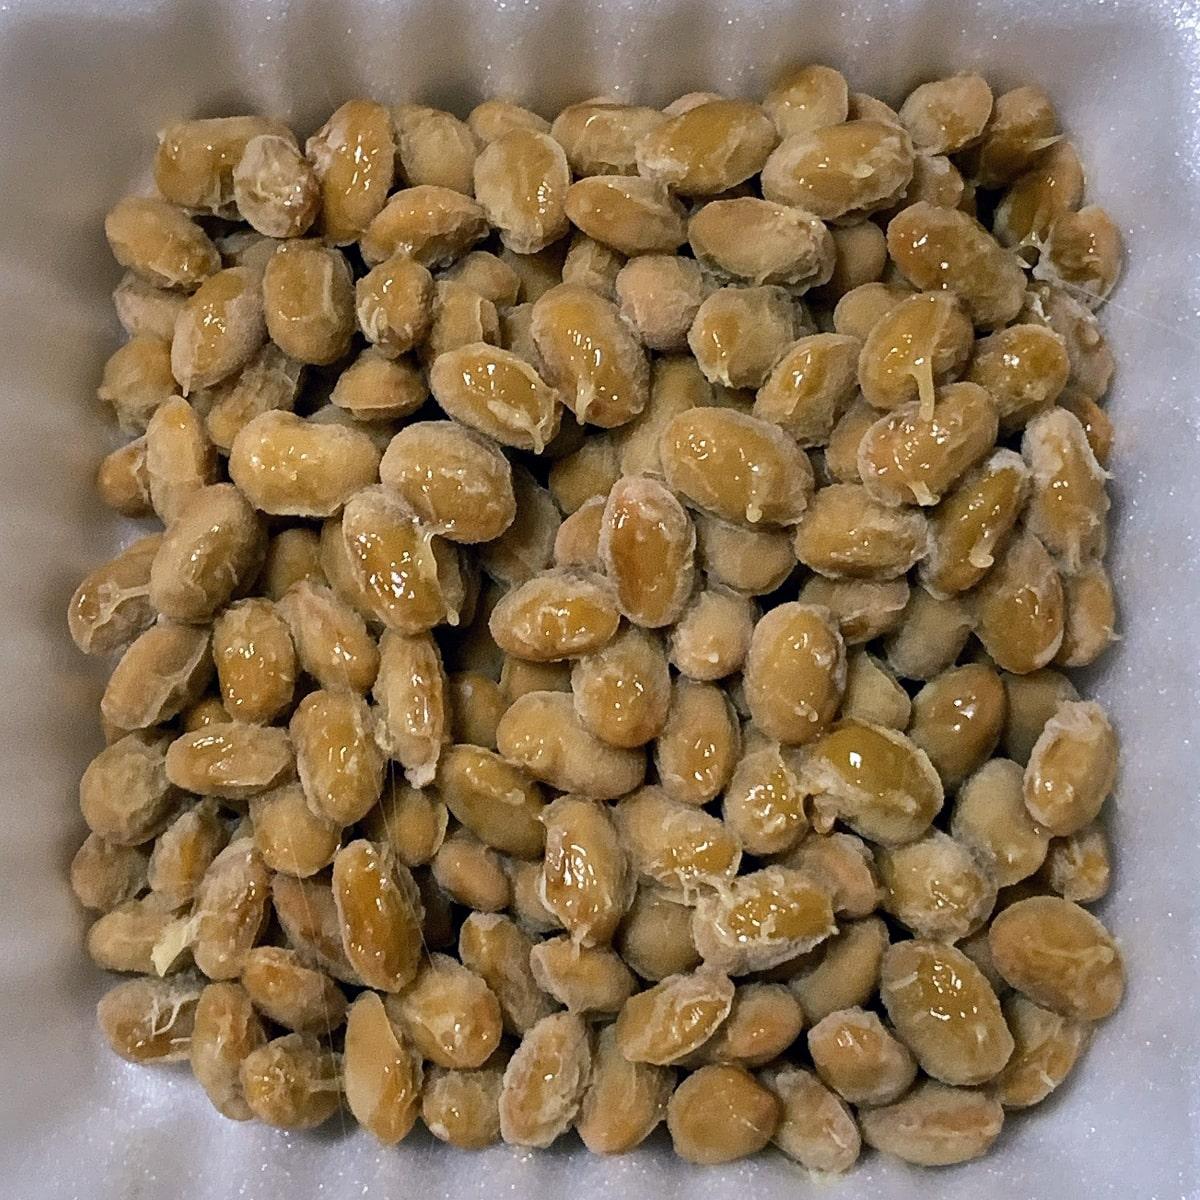 「京の白だし納豆」の納豆の画像